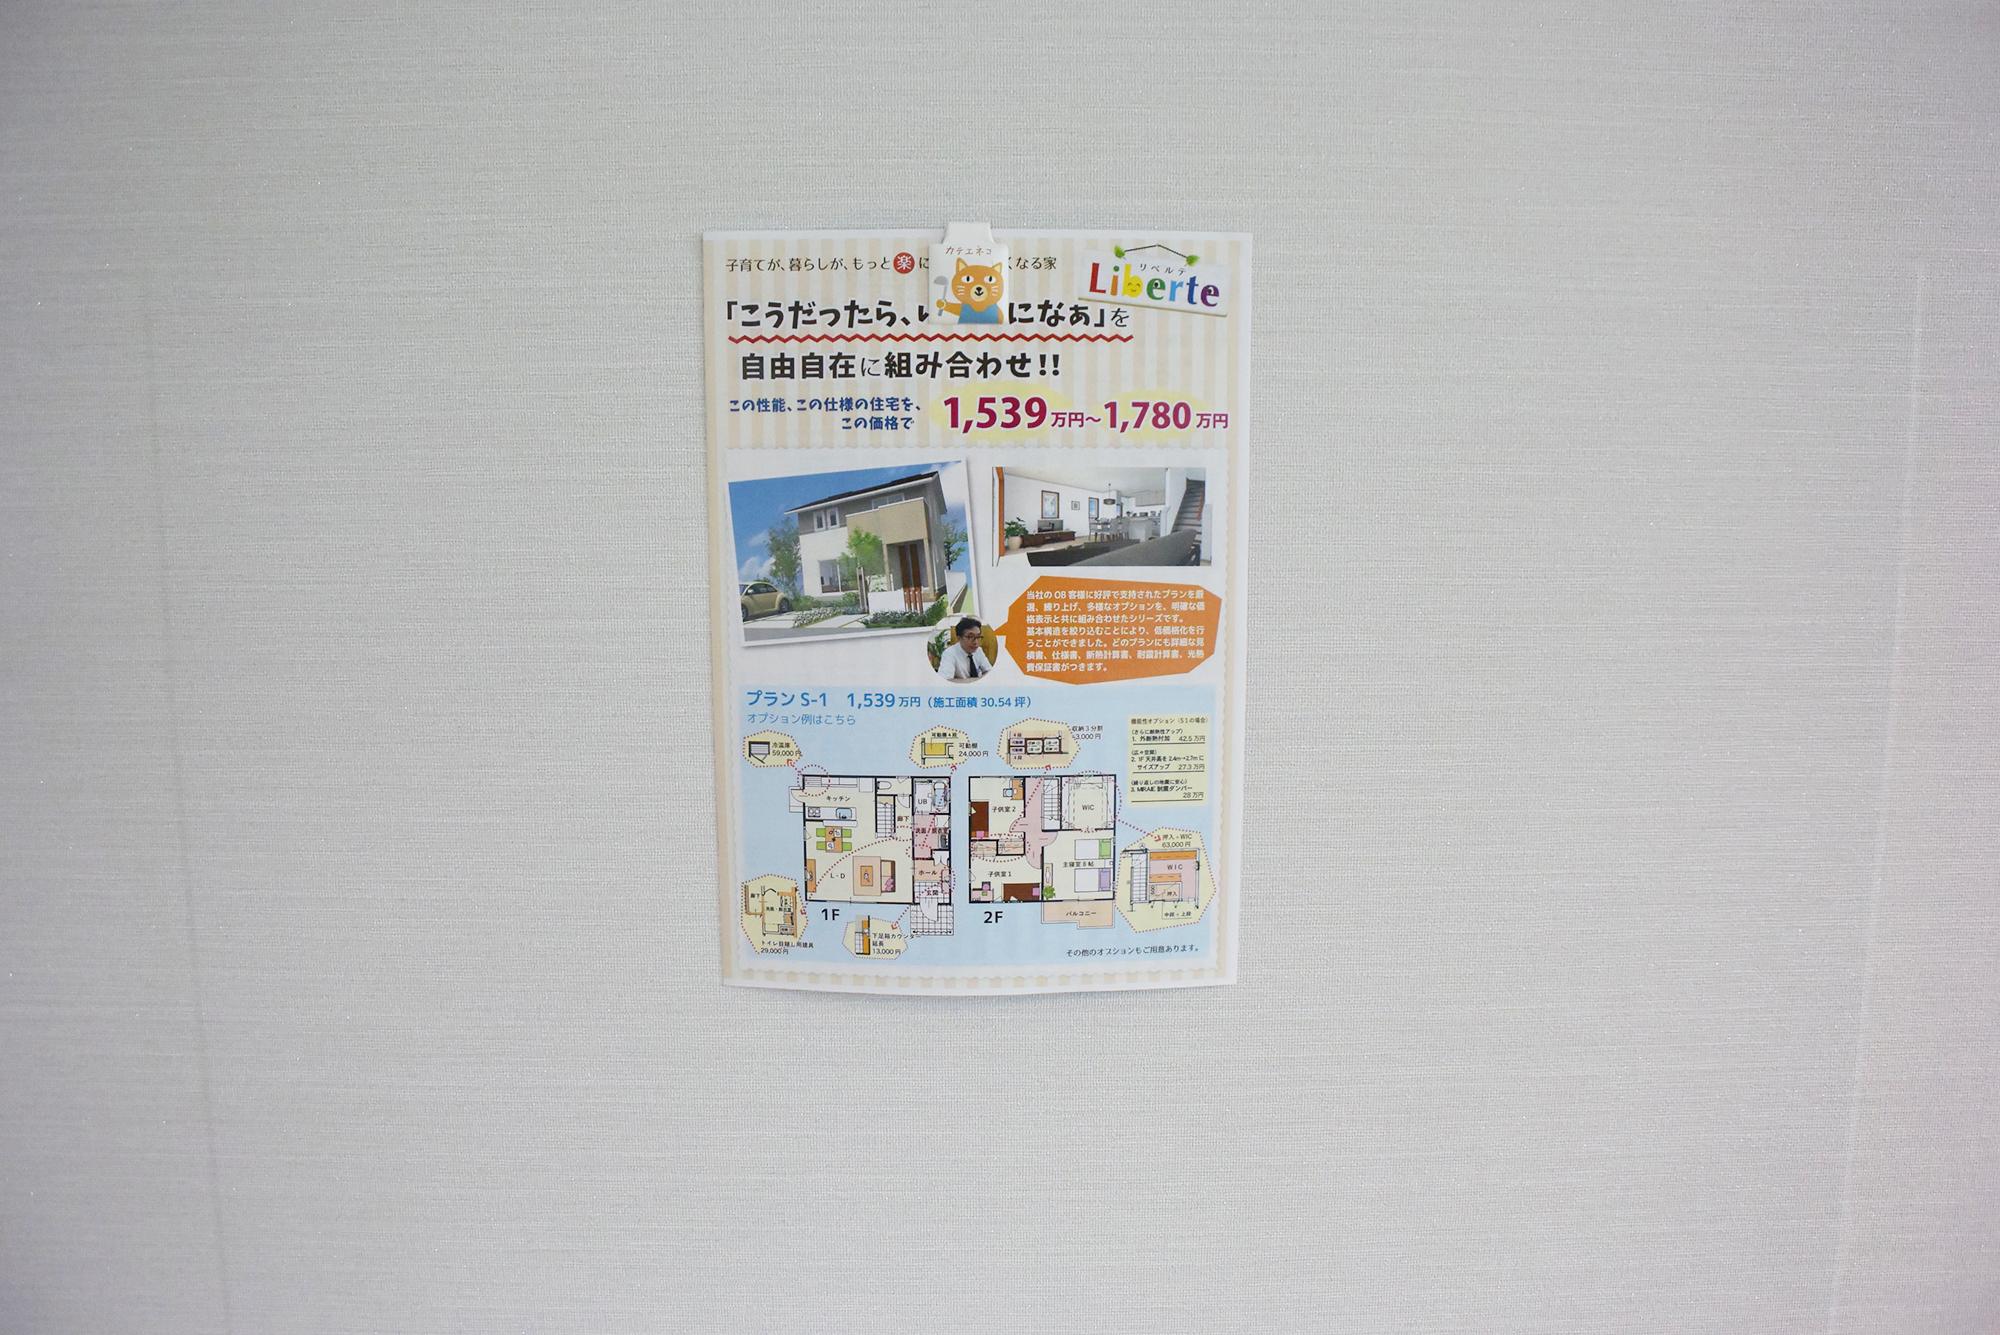 1Fリビングの壁にはマグネット仕様になっており、ちょっとしたメモや書類も簡単に壁にくっつけることができます。